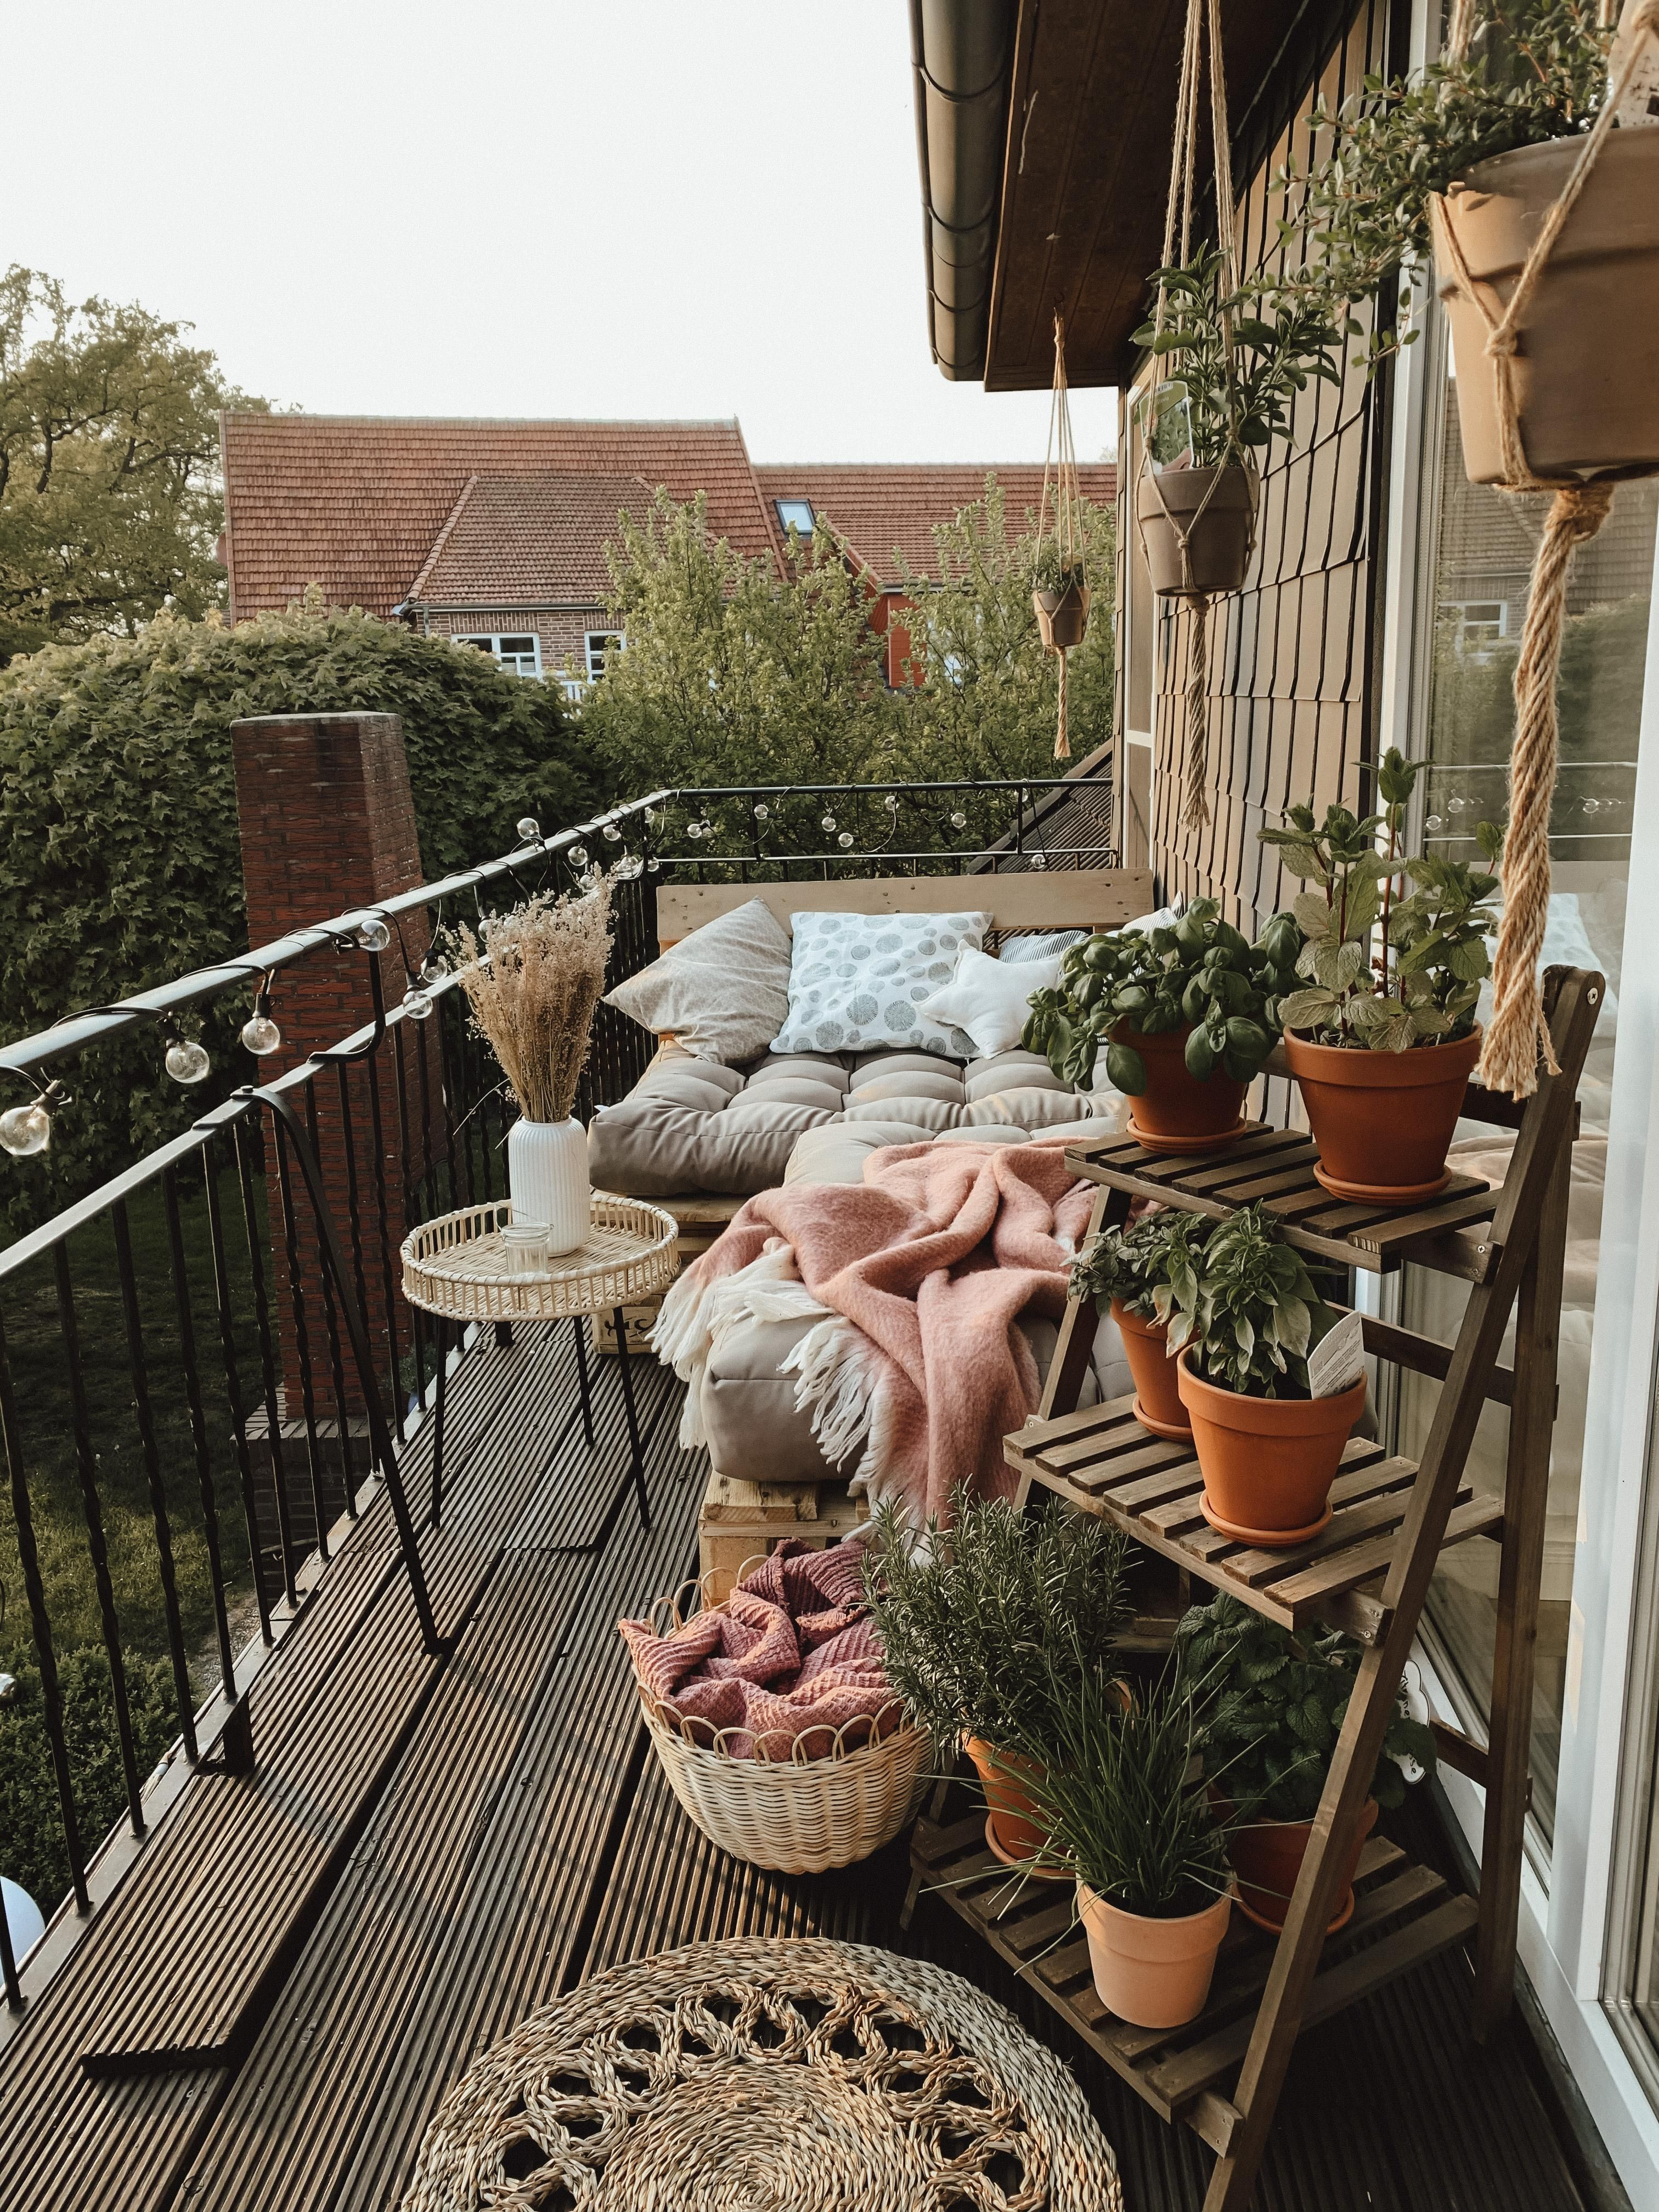 Projekt Balkonien .  balkonien  hyggestyle  hygge ...